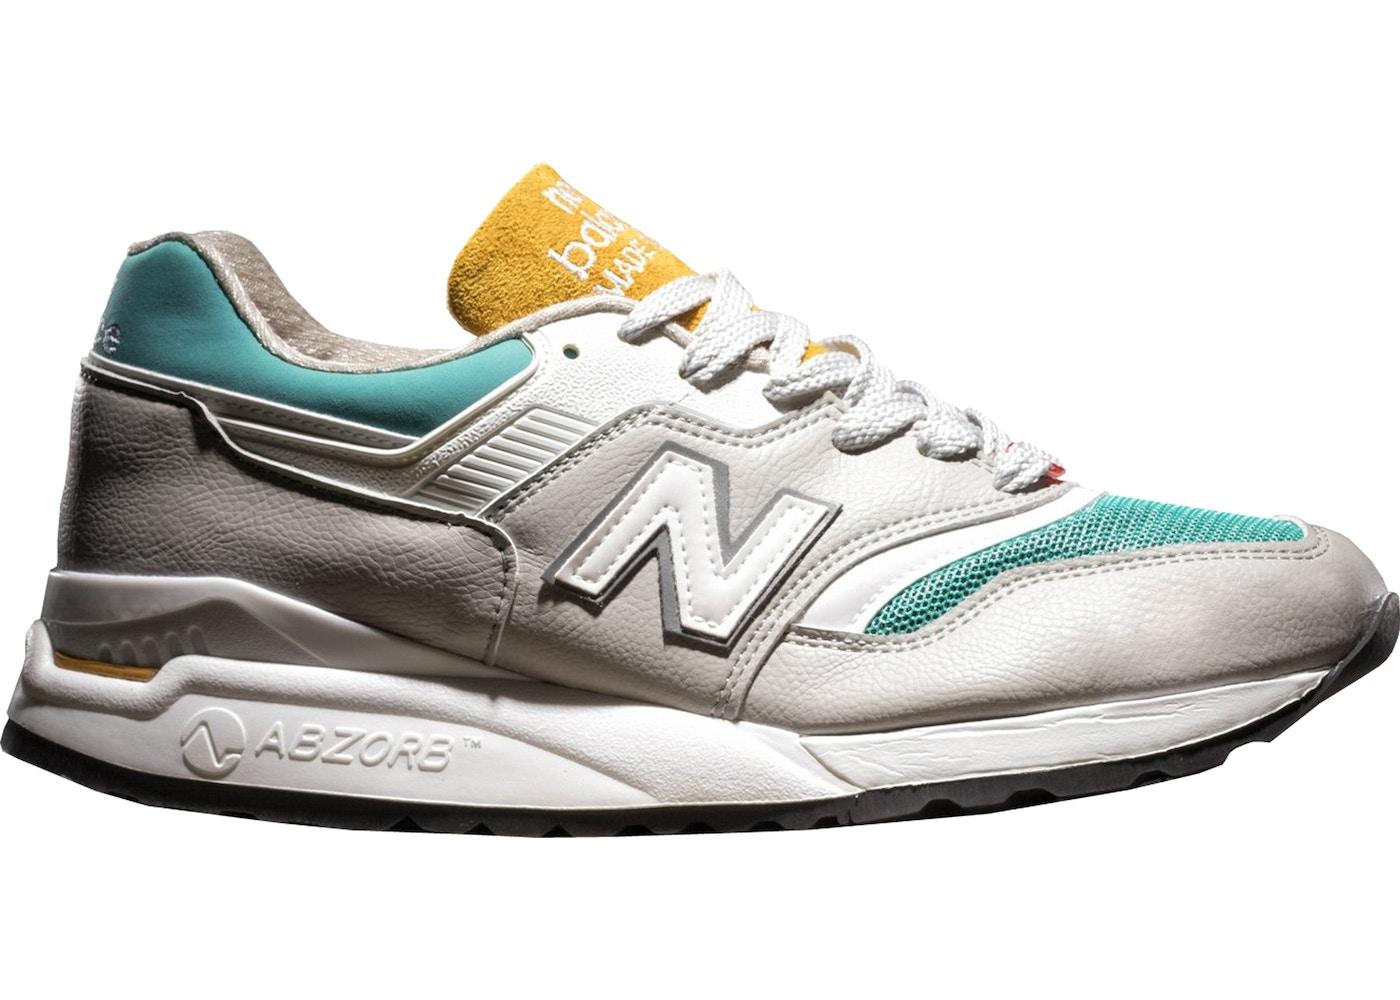 crazy price 2018 sneakers online retailer New Balance 997.5 Concepts Esplanade